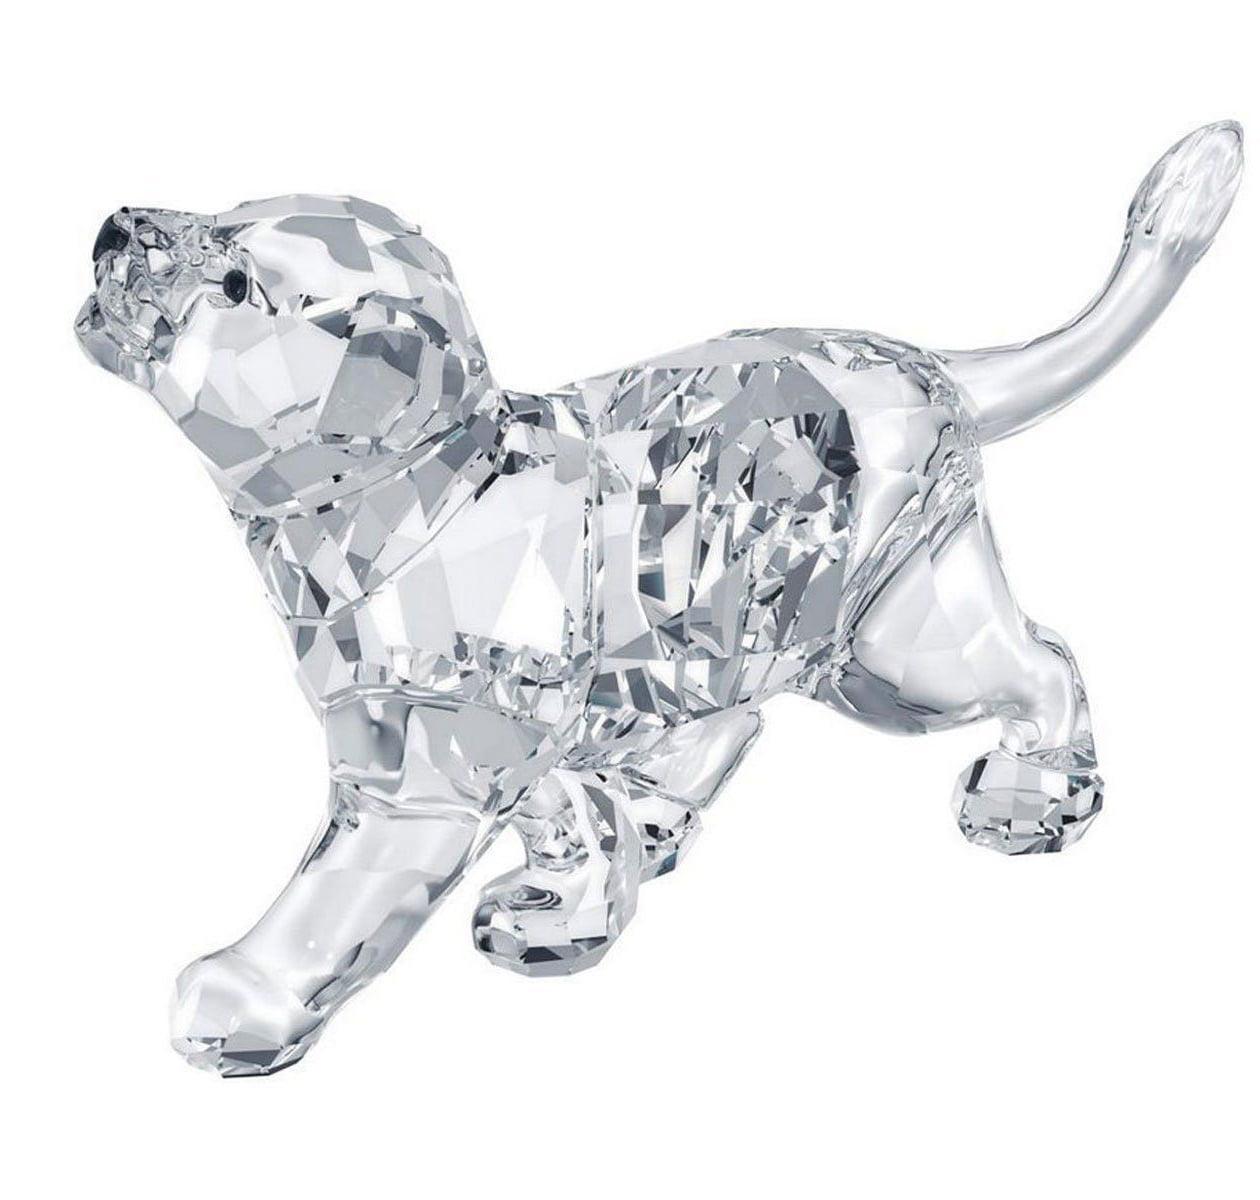 Swarovski Clear Crystal Figurine Animal LION CUB #1194148...